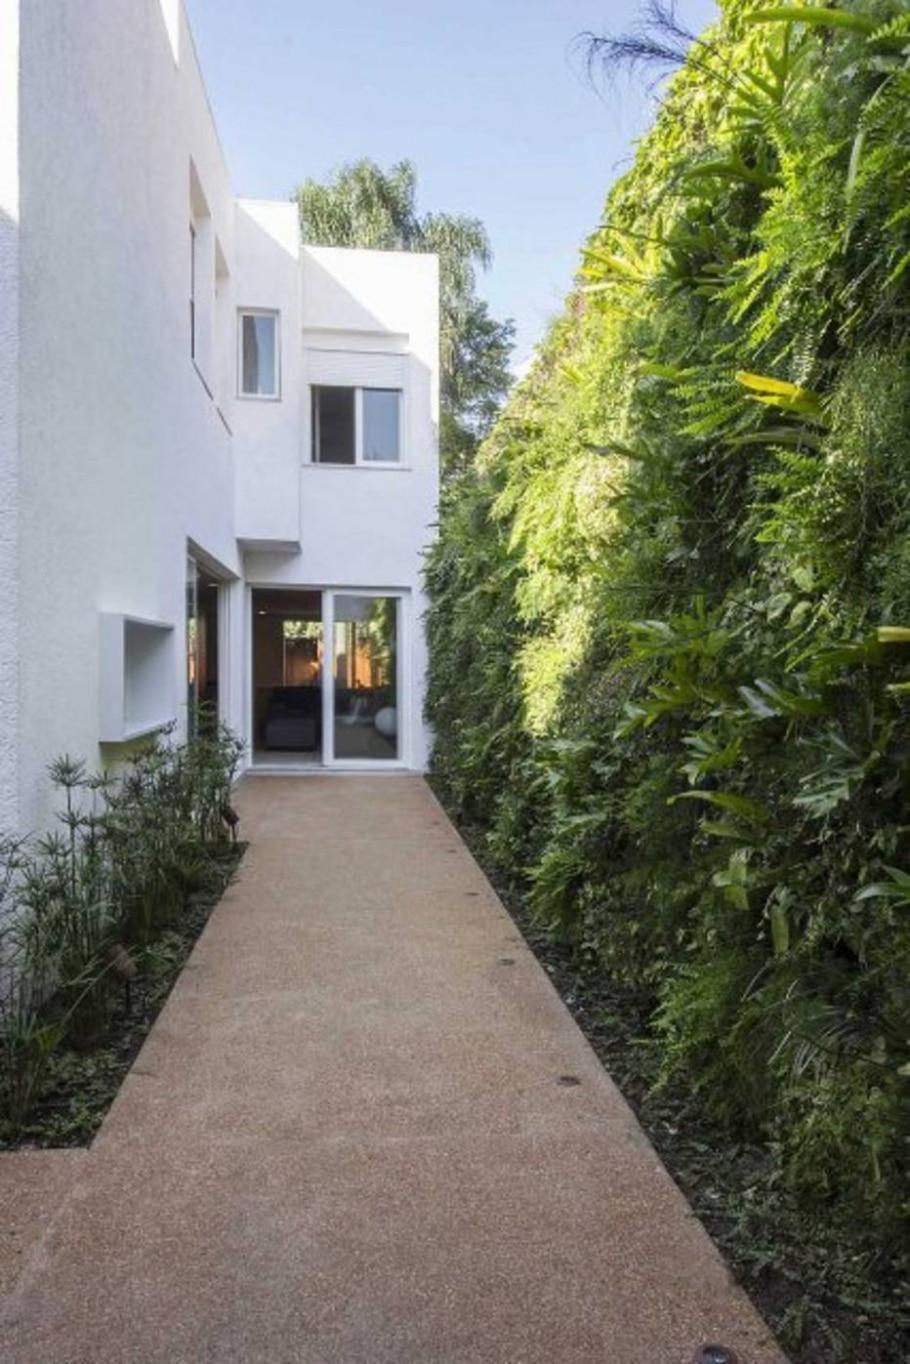 Jardim da Oficina 2 Mais  - Zeca Wittner/Estadão